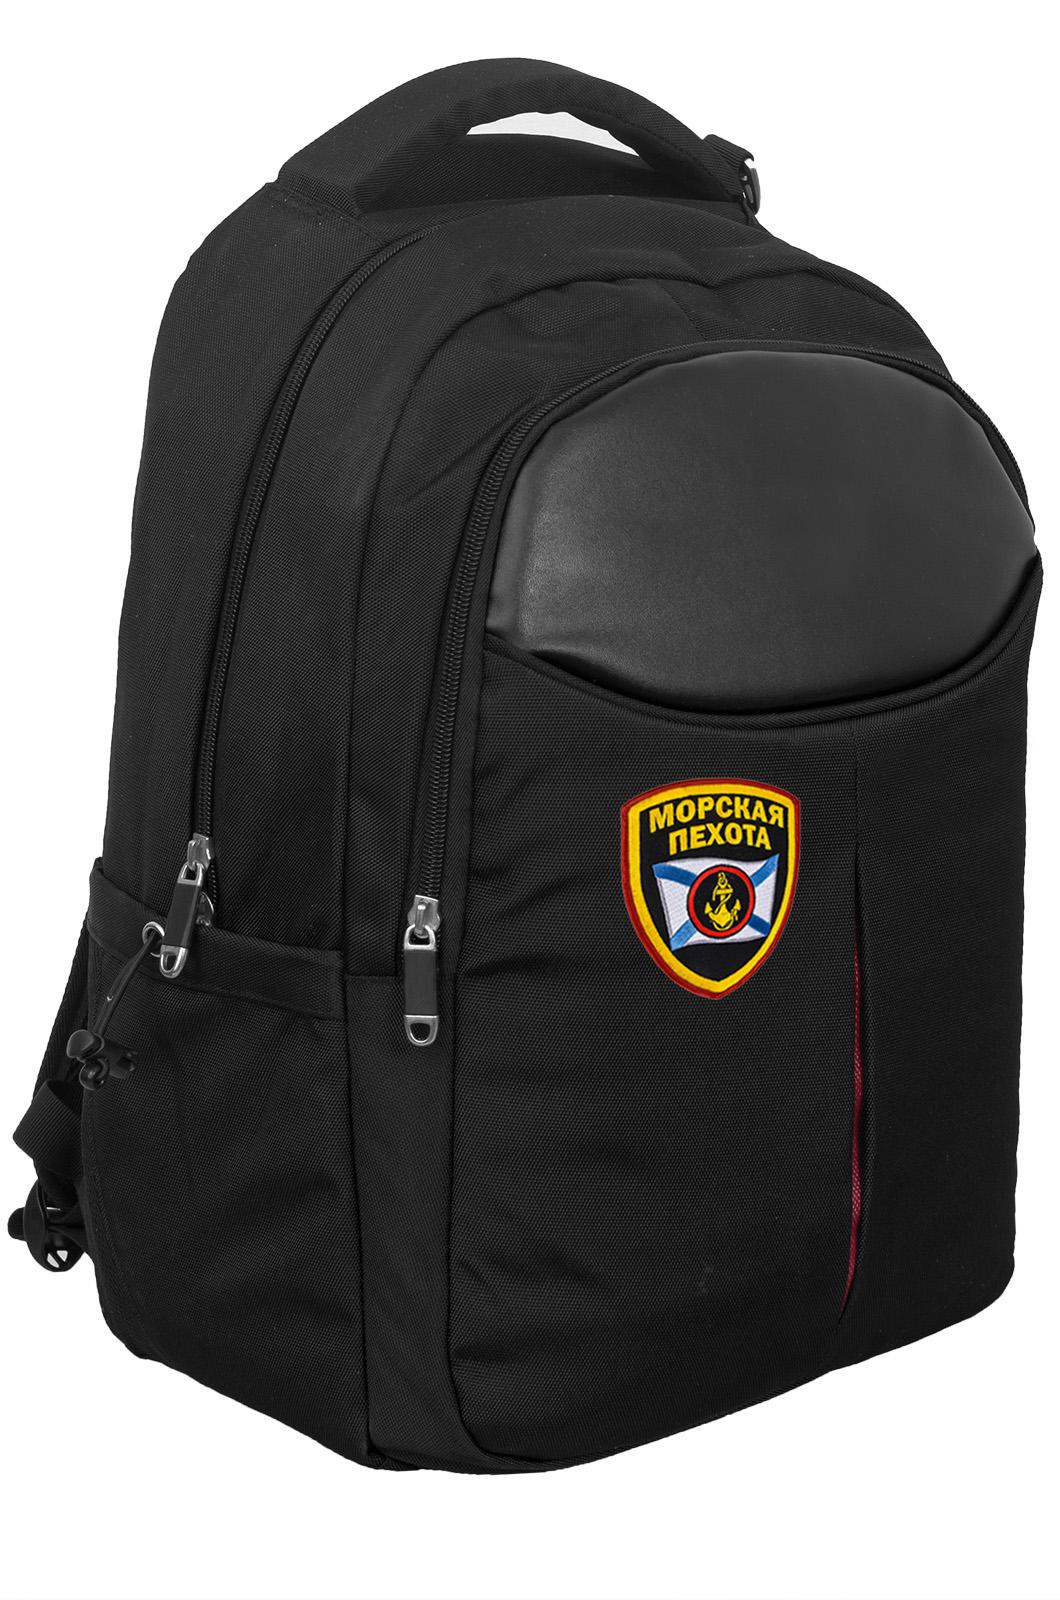 Купить стильный мужской рюкзак черного цвета для города